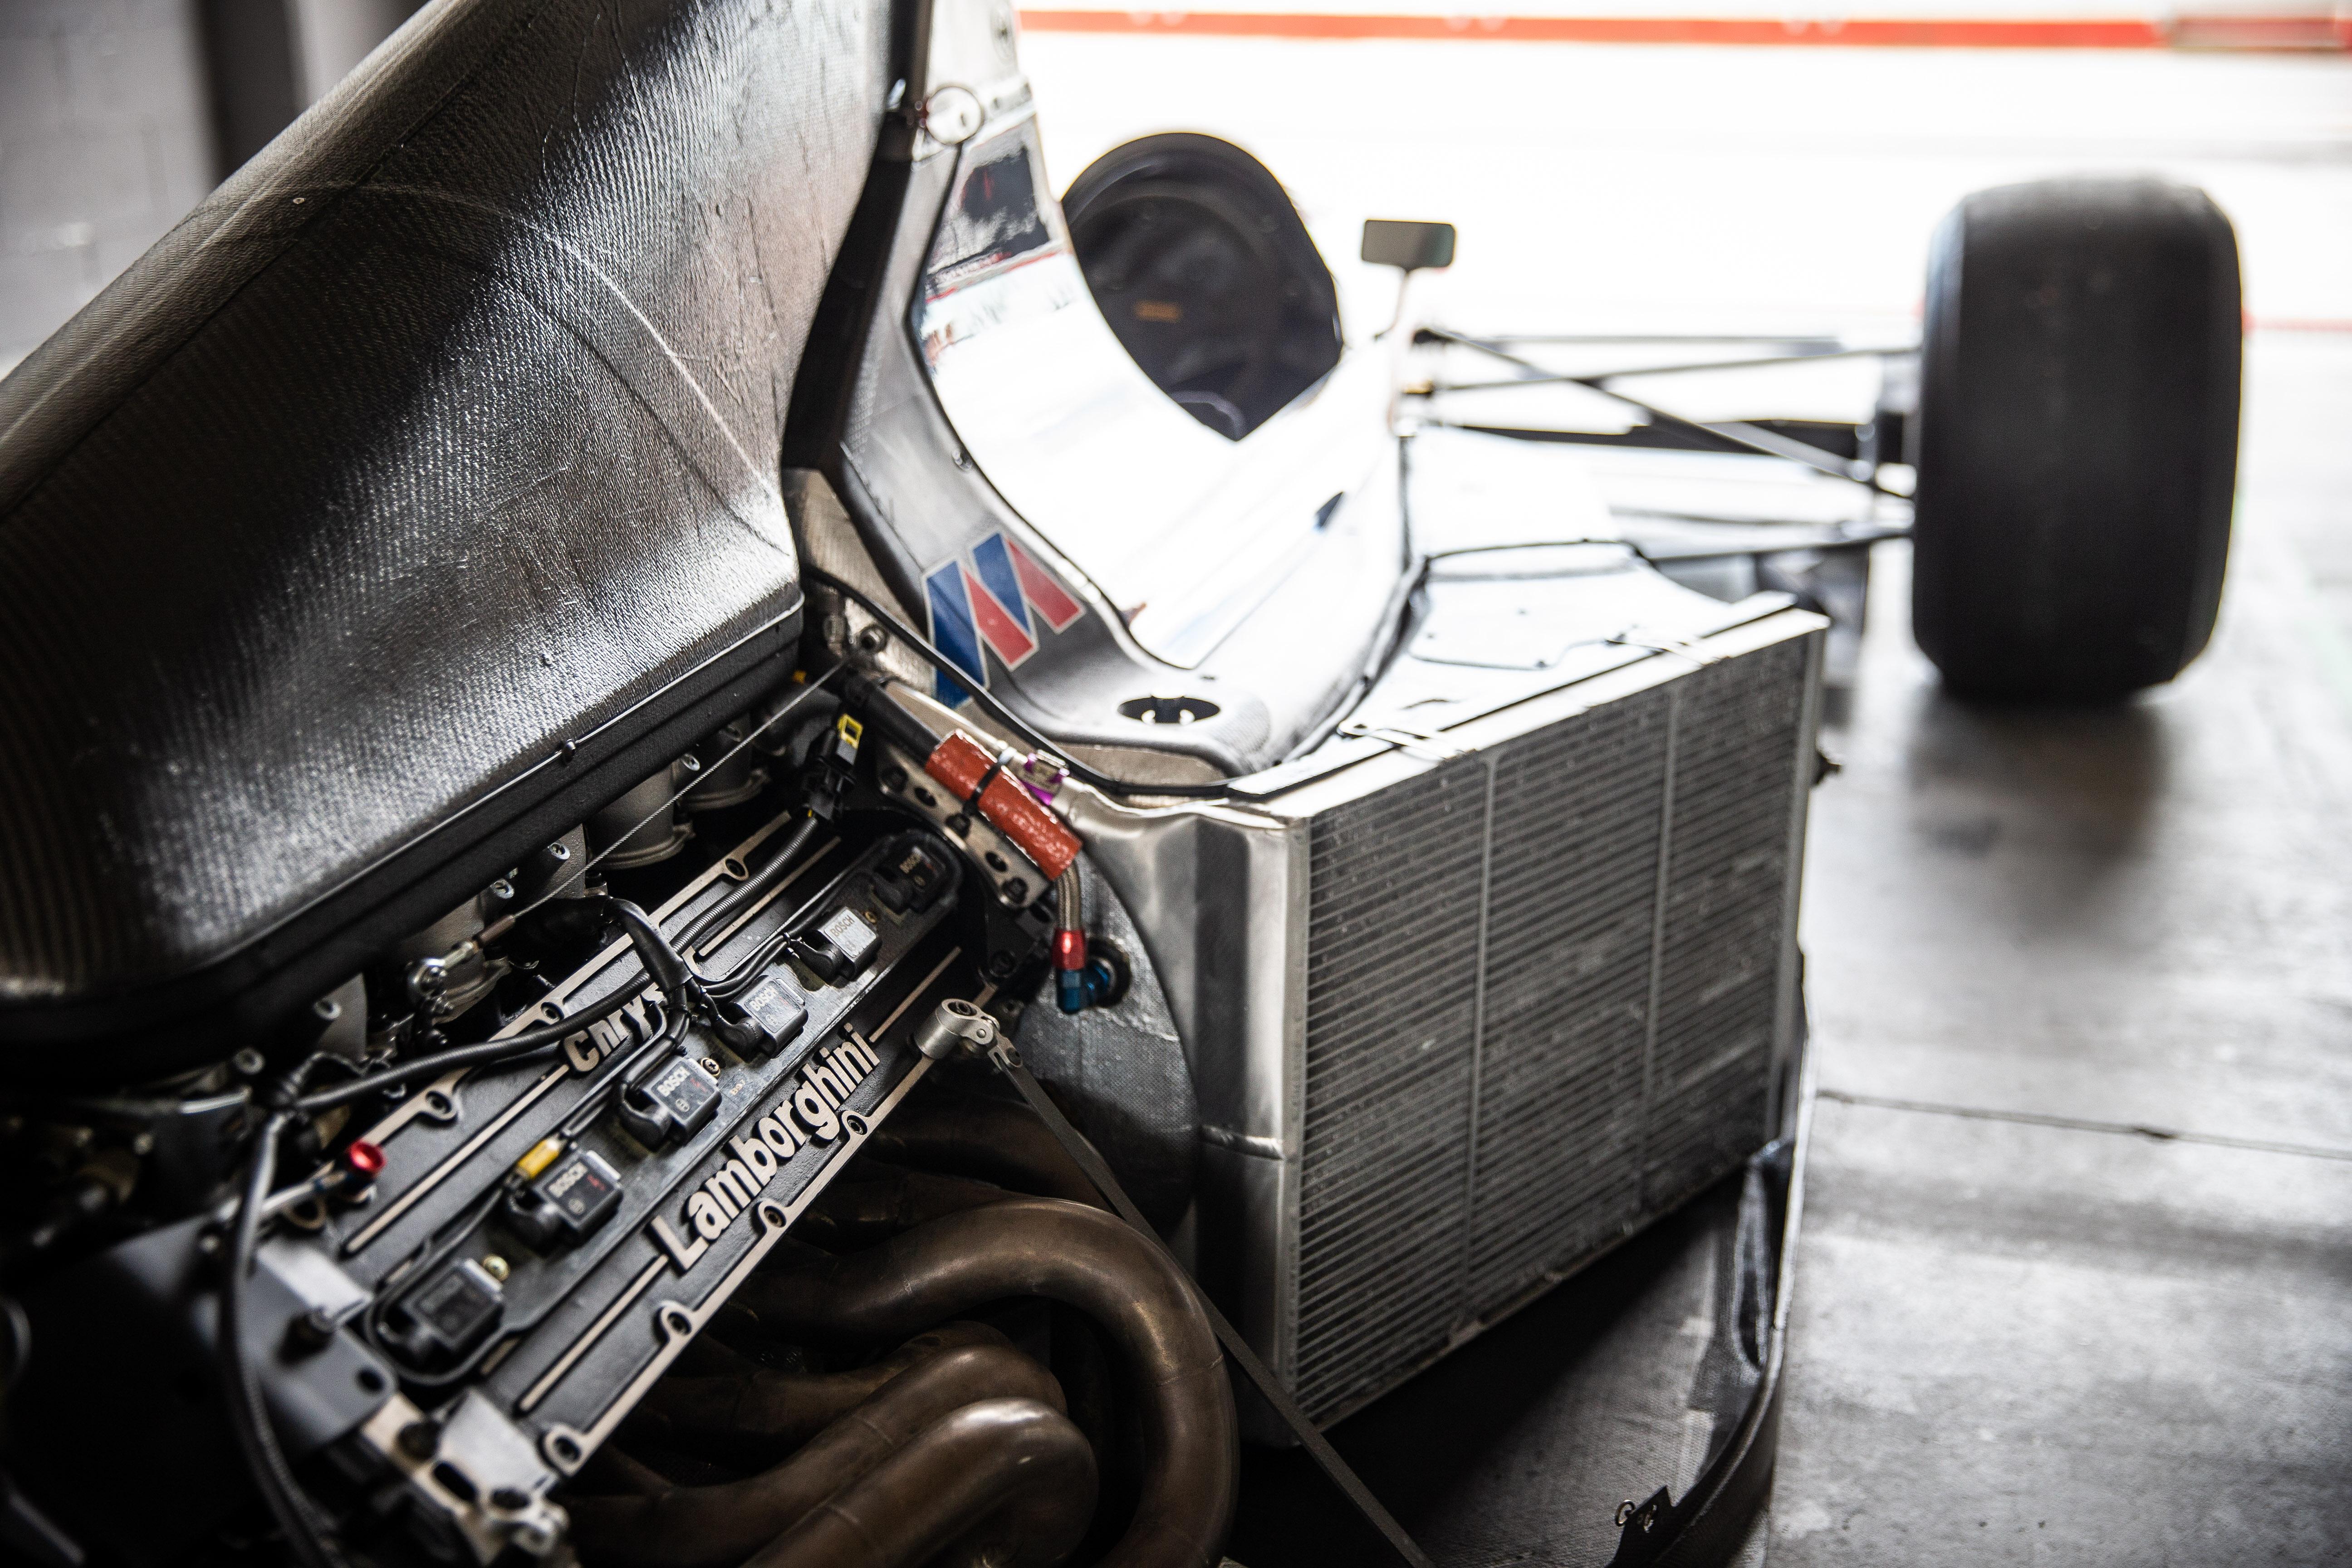 Minardi M191B chassis #003